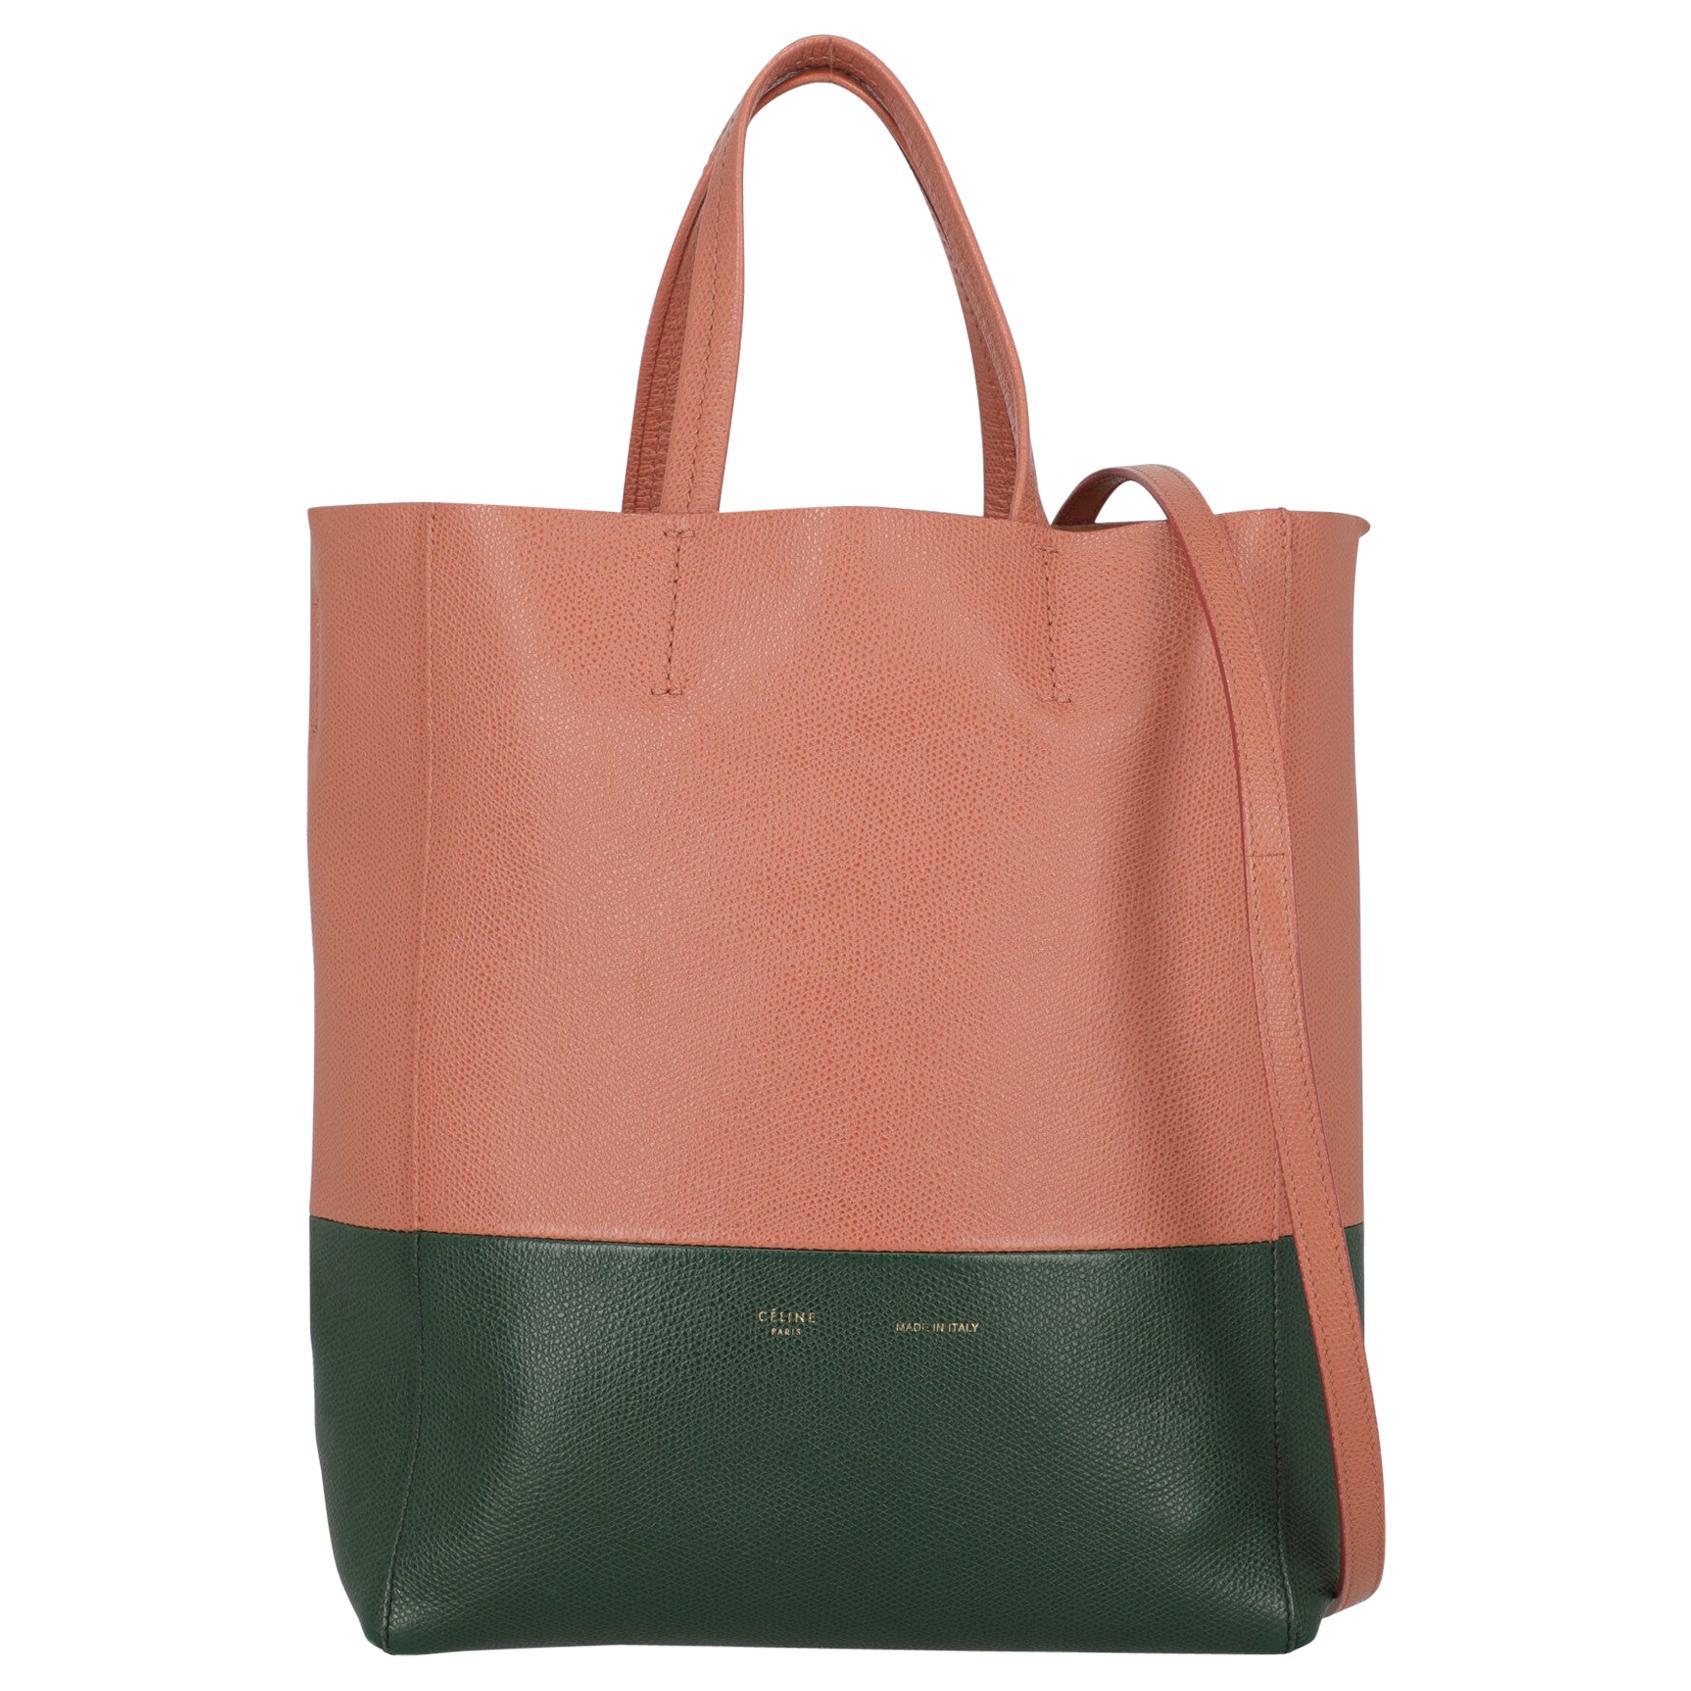 Celine Woman Shoulder bag  Green Leather